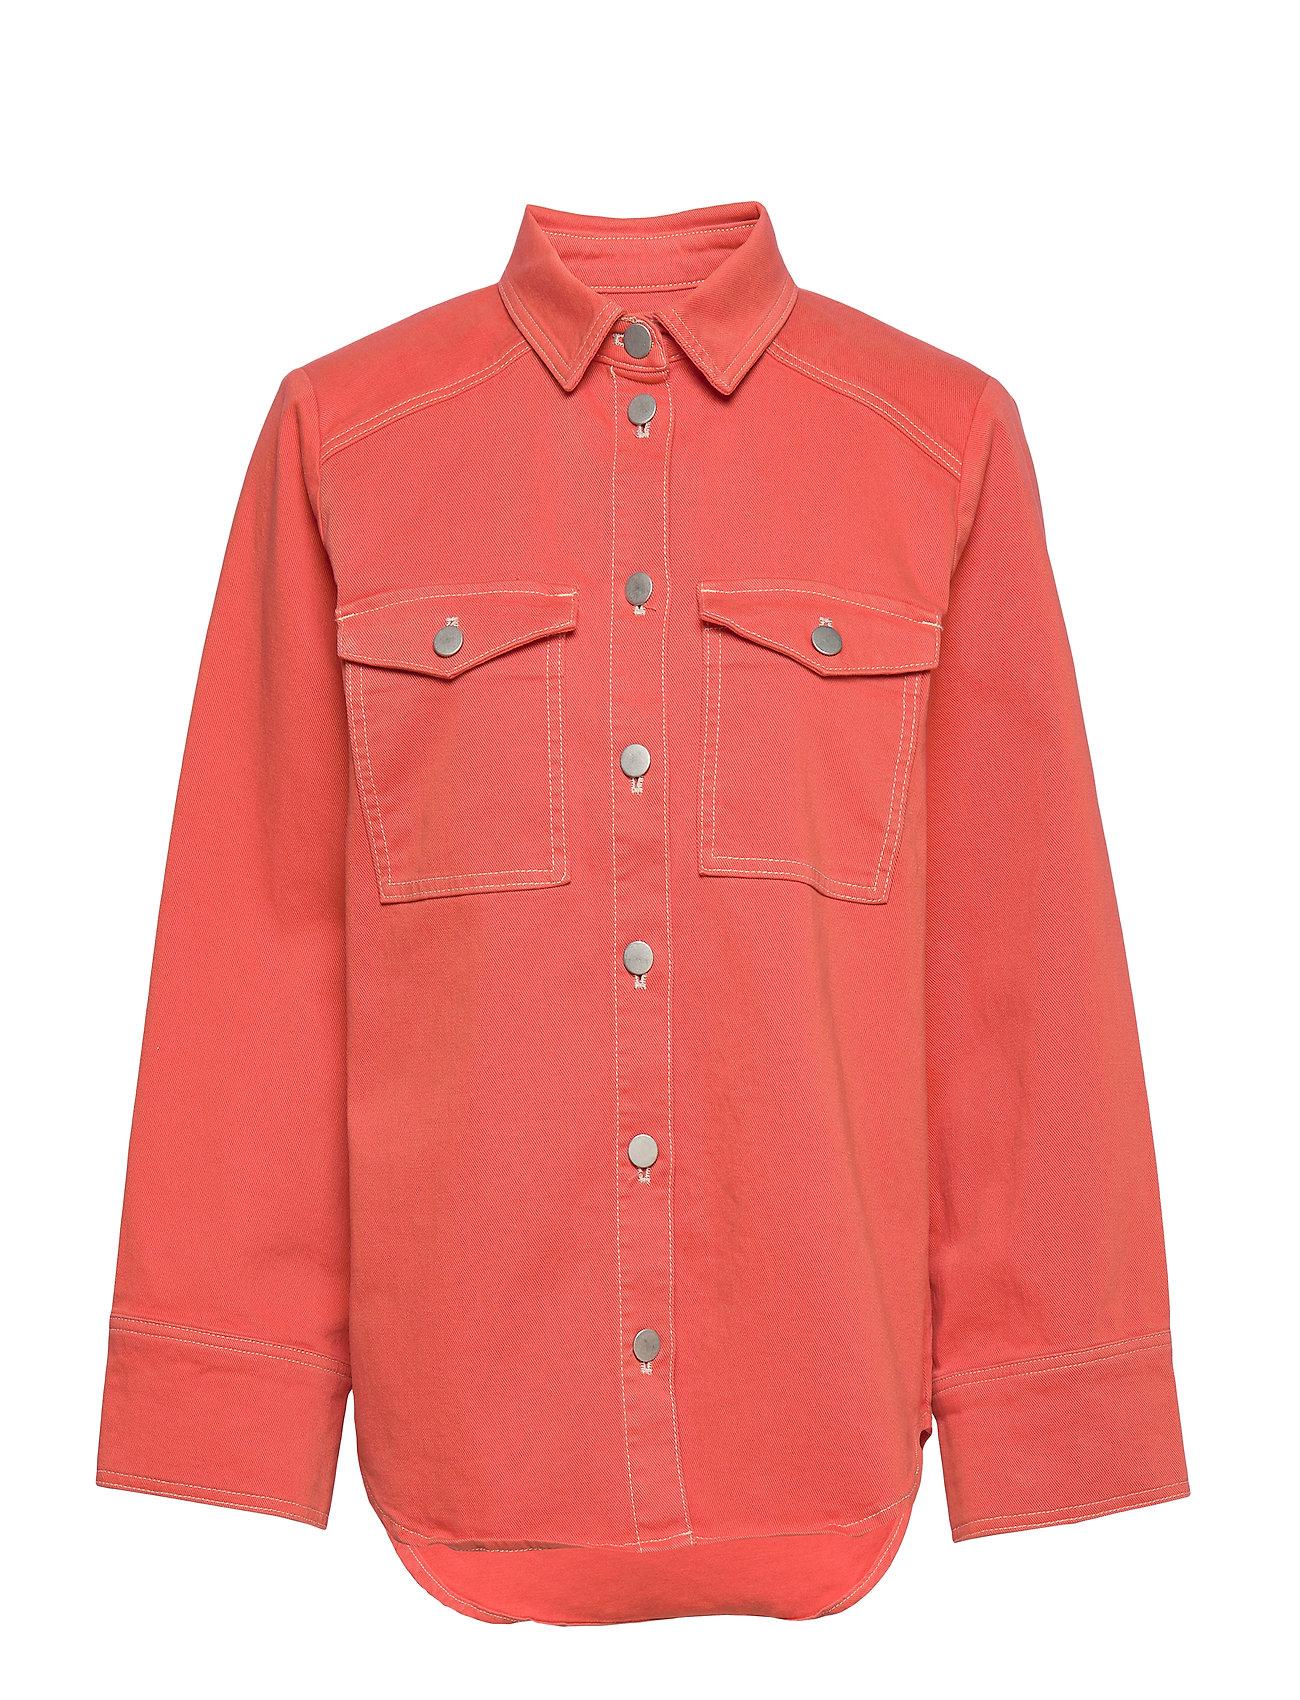 Karen By Simonsen ReeseKB Jeans Shirt - CHILI